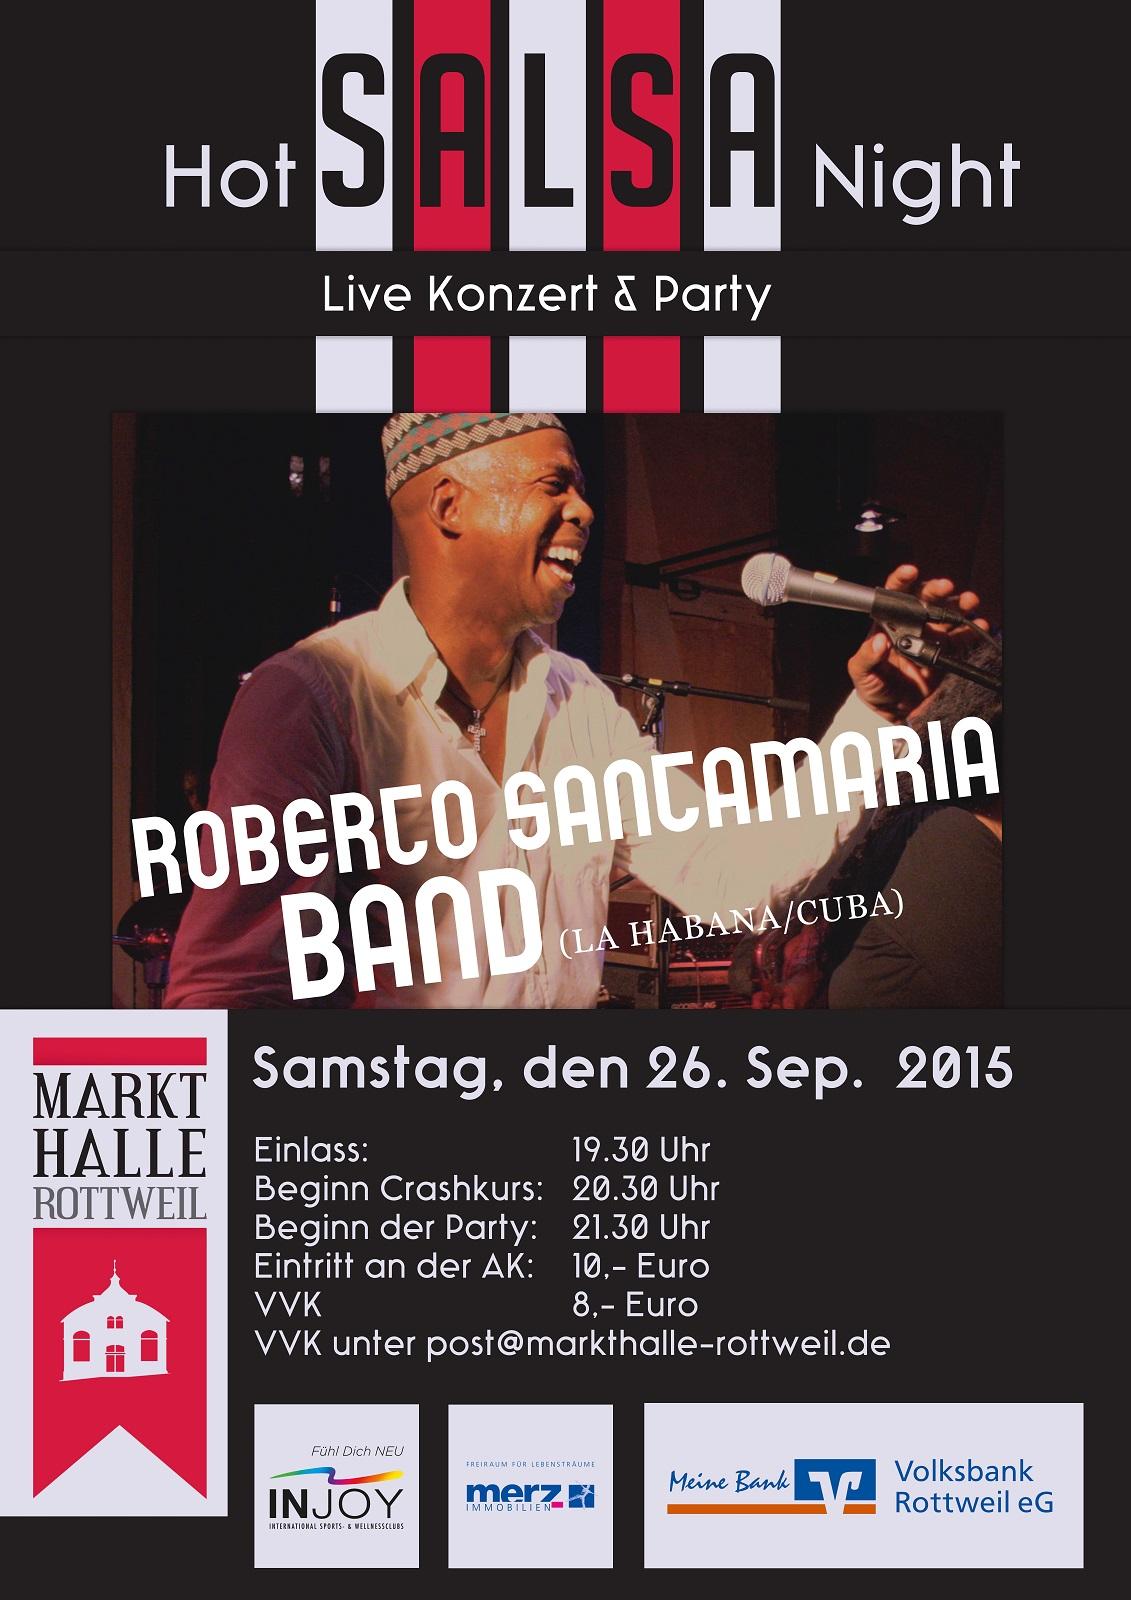 HOT SALSA NIGHT mit ROBERO SANTAMARIA in der MARKTHALLE ROTTWEIL in Reutlingen